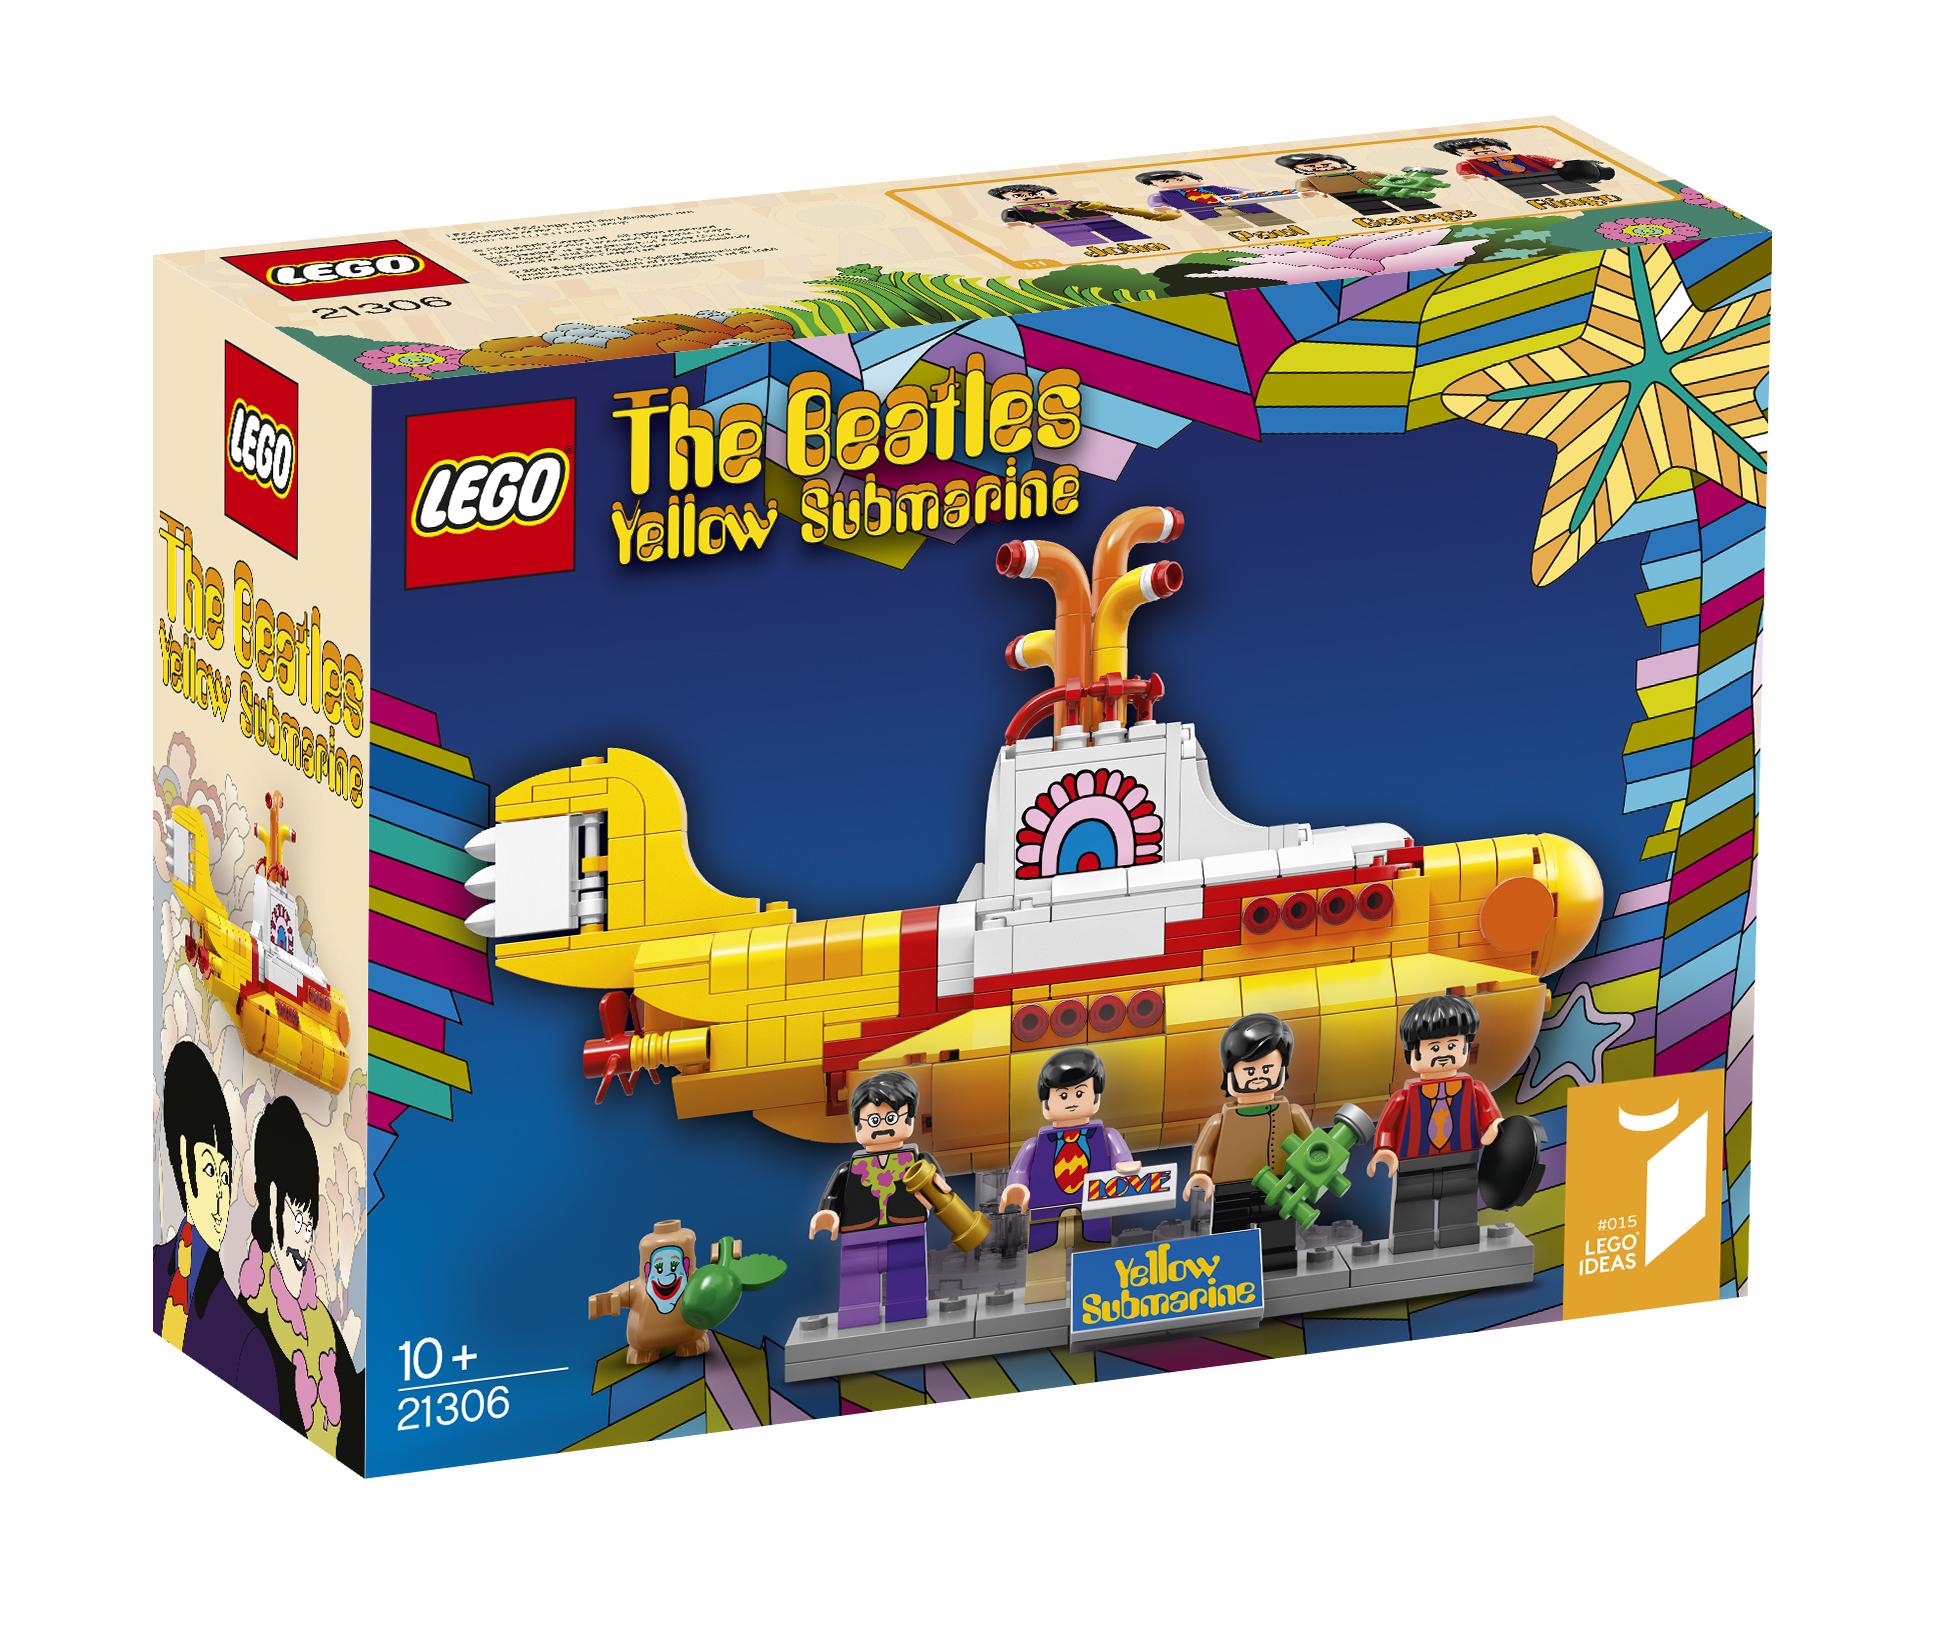 El set de LEGO de Yellow Submarine de The Beatles es la combinación perfecta de nostalgia y diversión